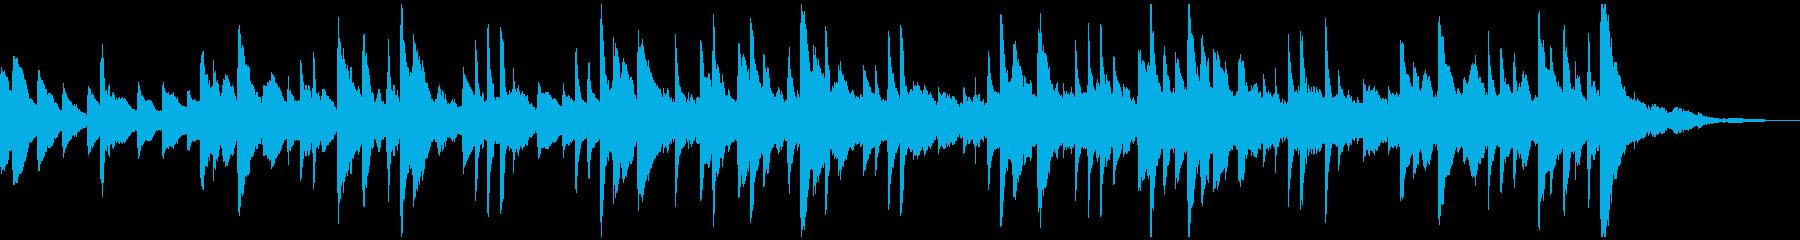 モダン 交響曲 室内楽 ロマンチッ...の再生済みの波形